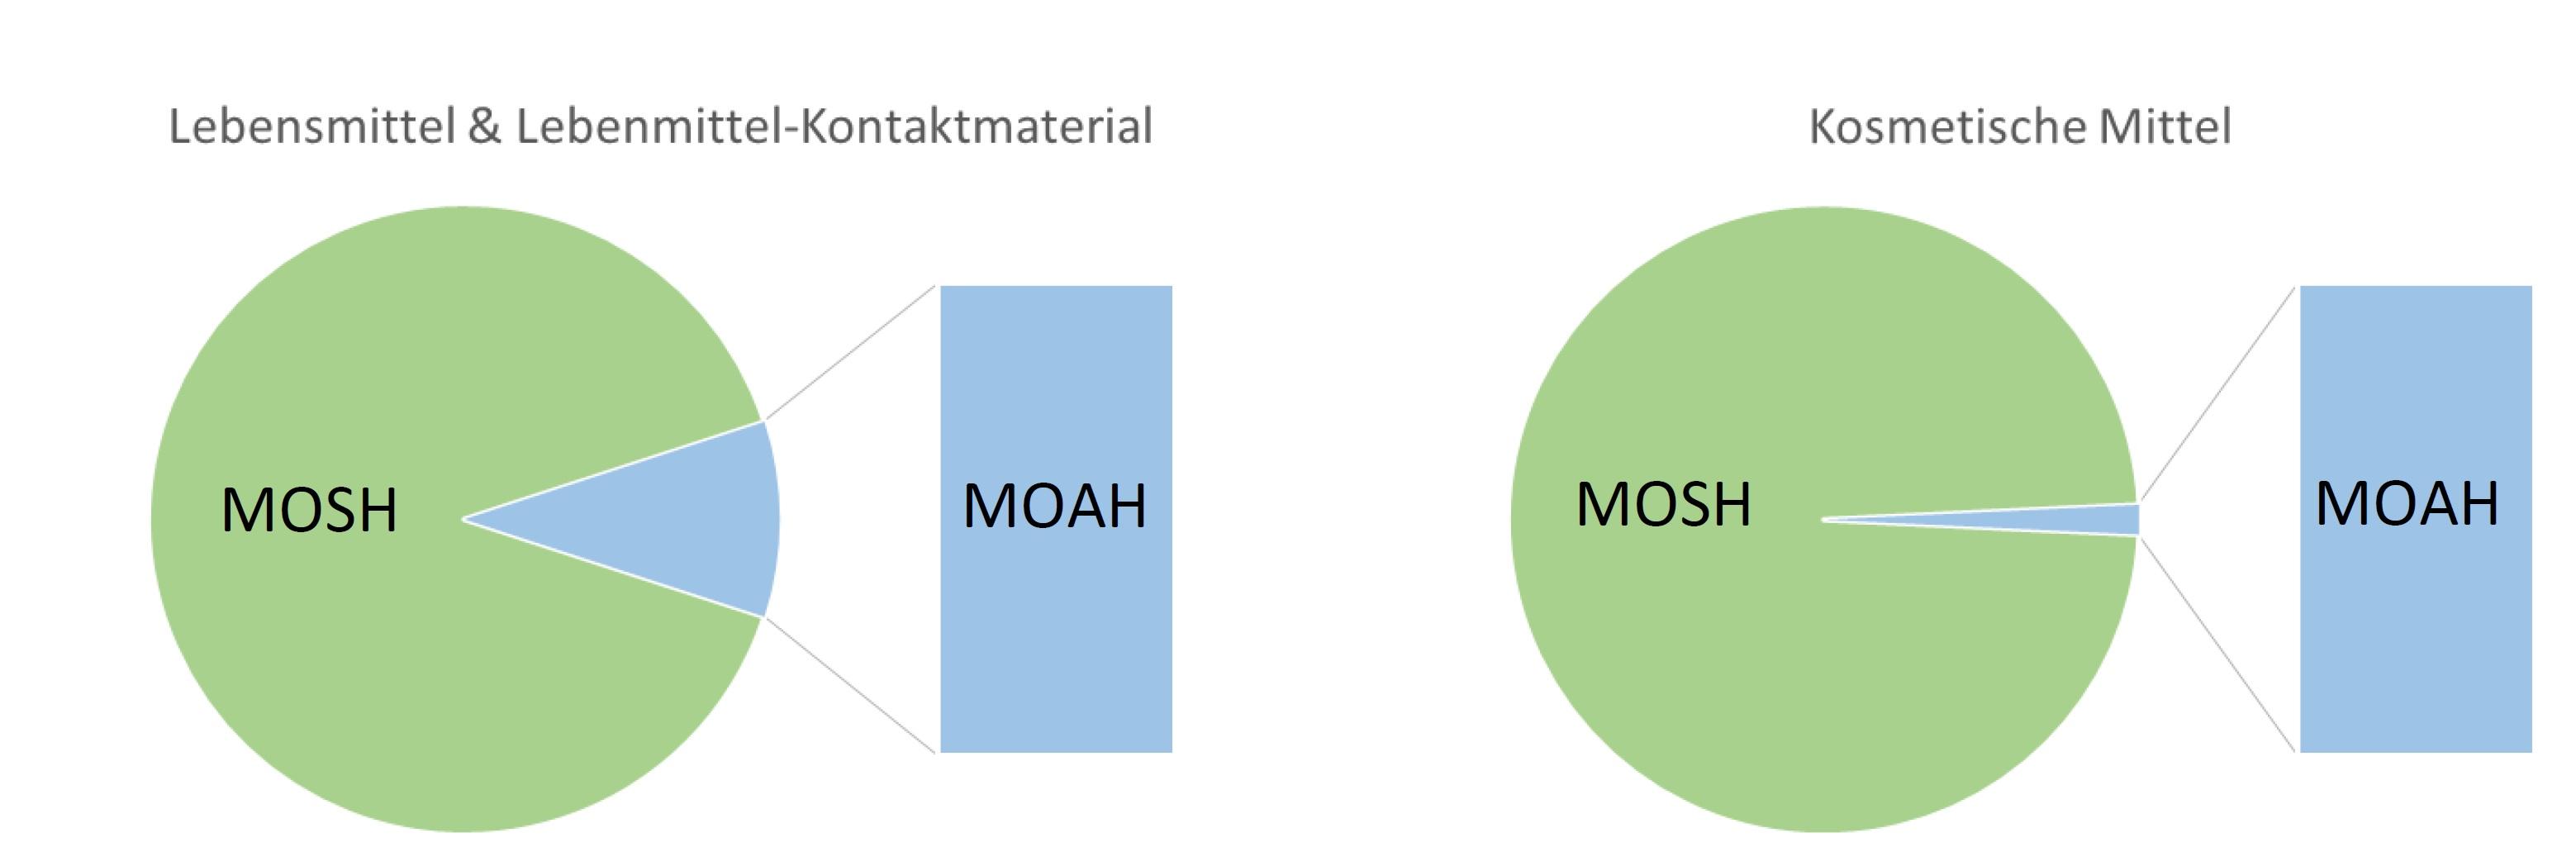 Das Schaubild zeigt zwei Kuchendiagramm mit jeweils den Anteilen von MOSH bzw. MOAH. Bei Lebensmitteln und Lebensmittel-Kontaktmaterial liegt der MOAH Anteil bei etwa einem Sechstel, bei Kosmetischen Mitteln ist er verschwindend gering.